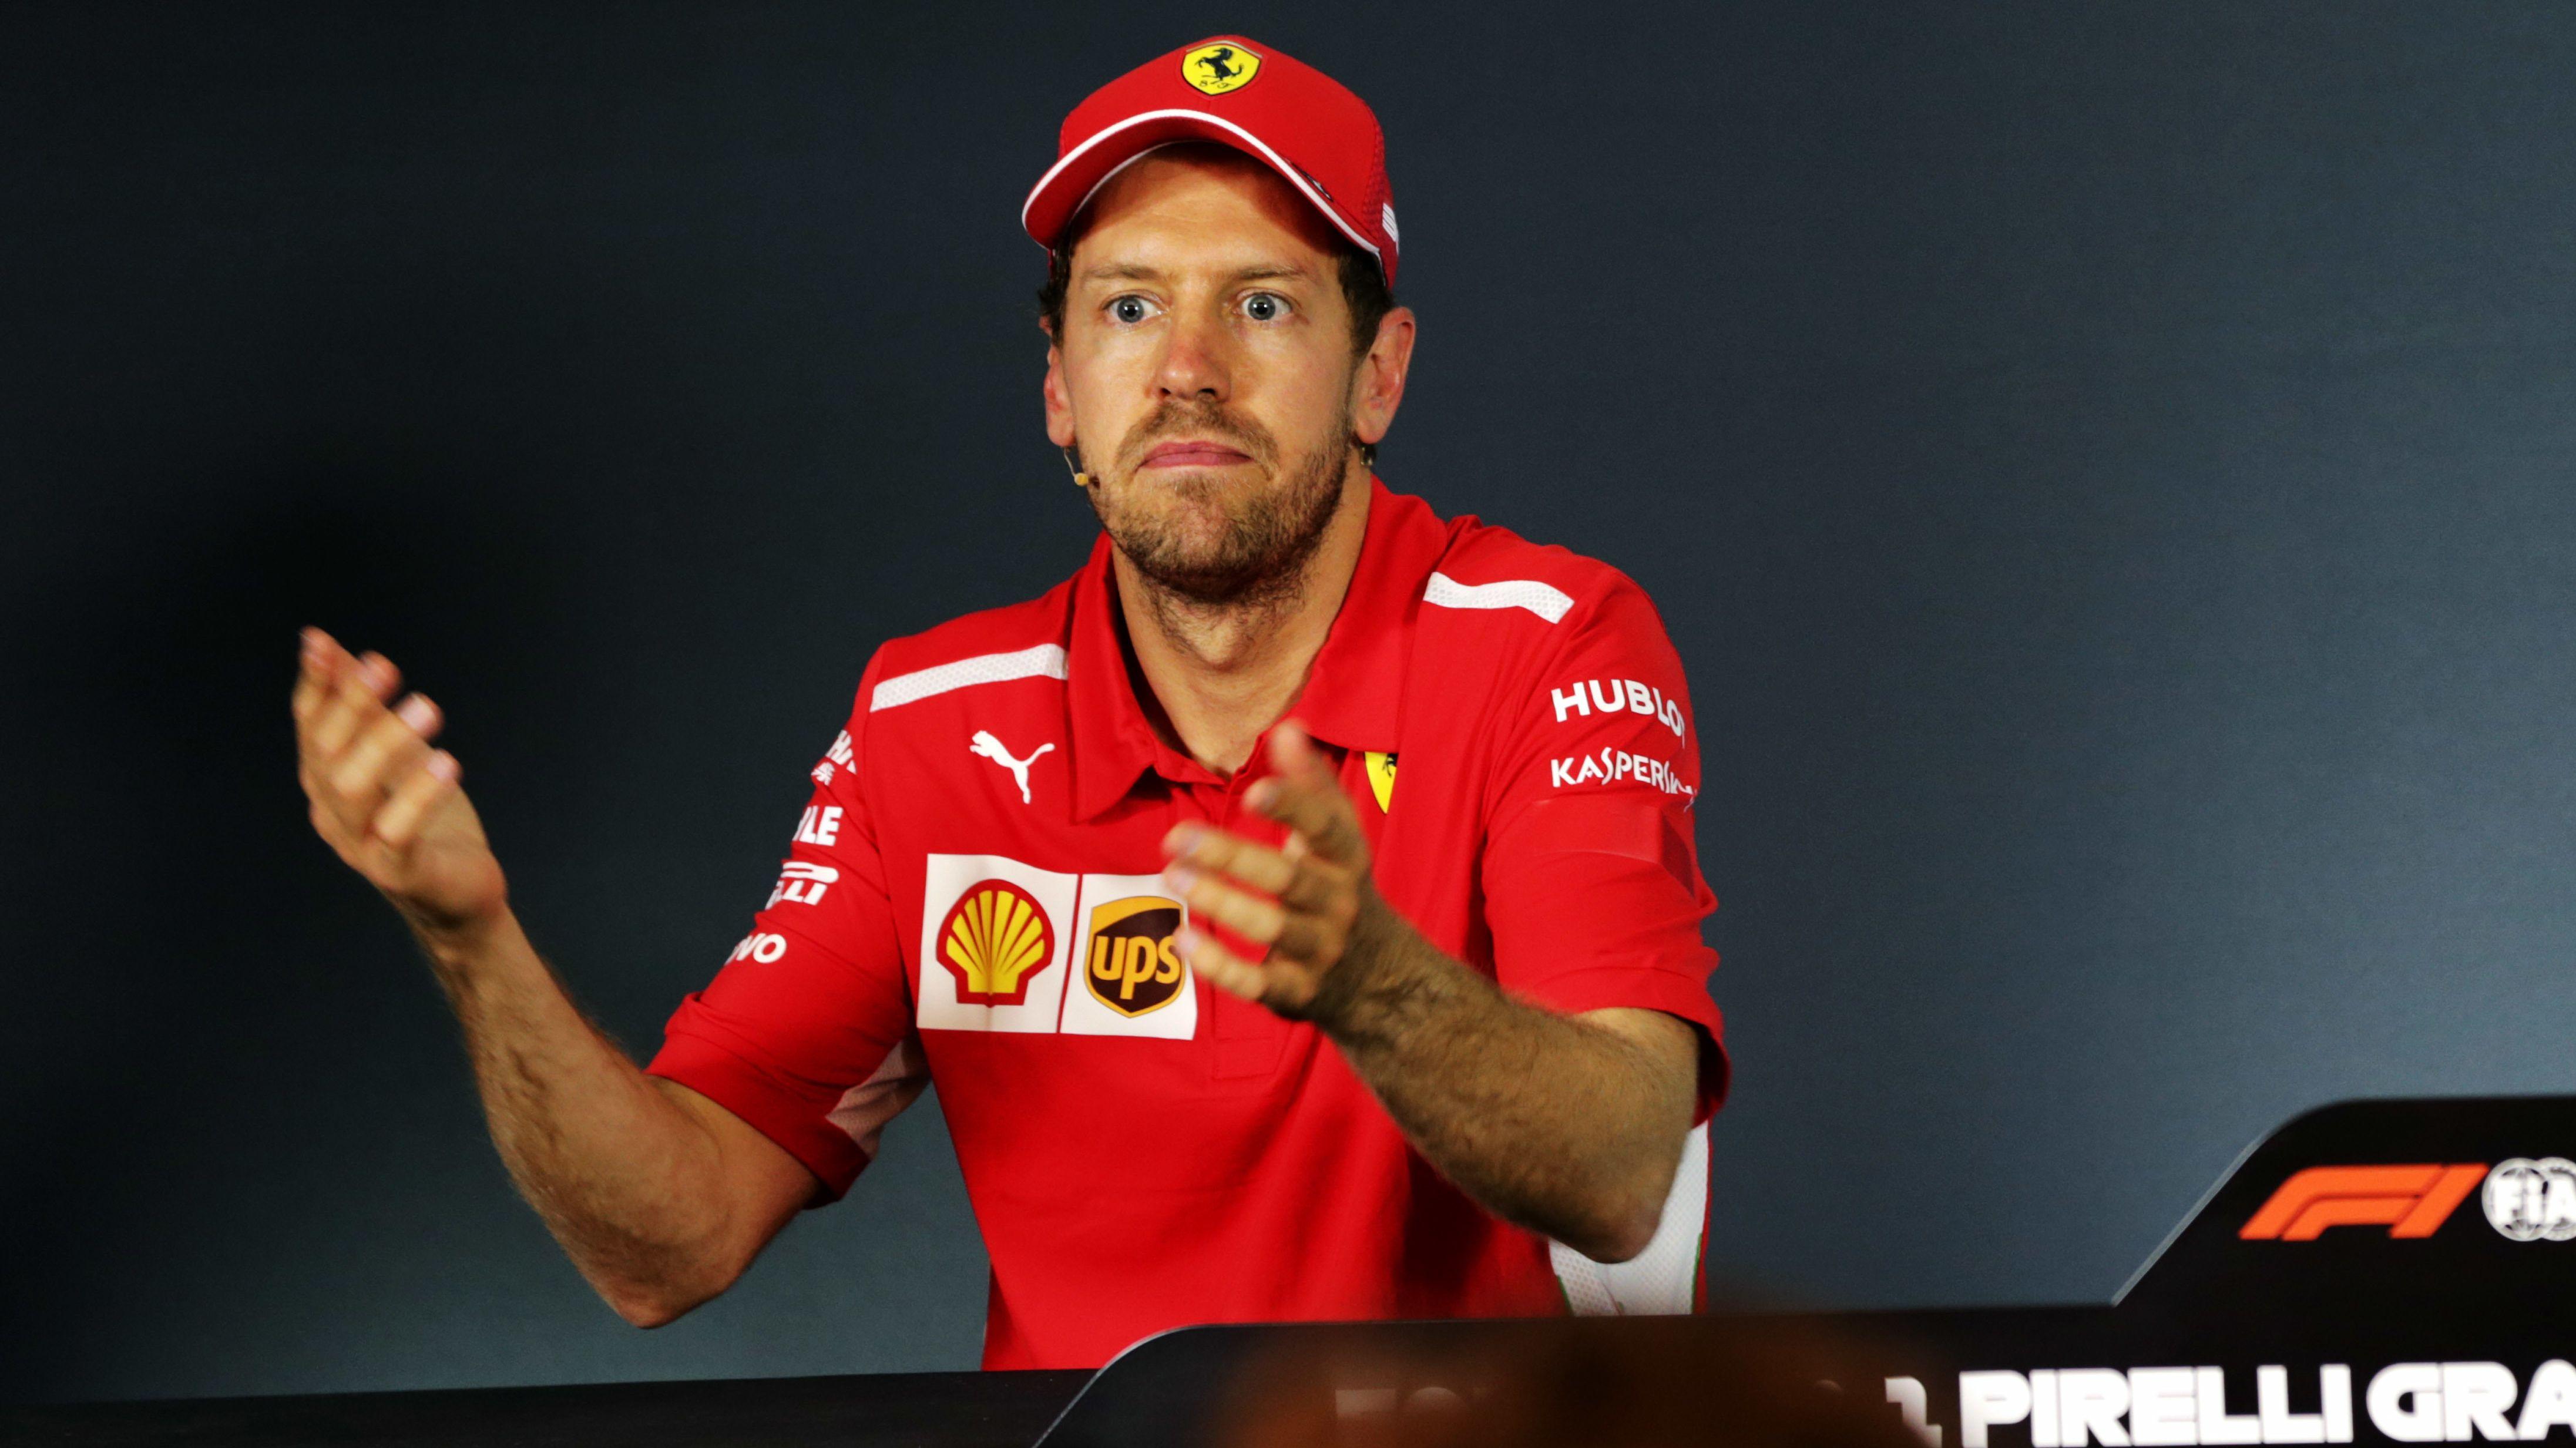 Sebastian Vettel gestikulierend, mit missmutigem Gesichtsausdruck